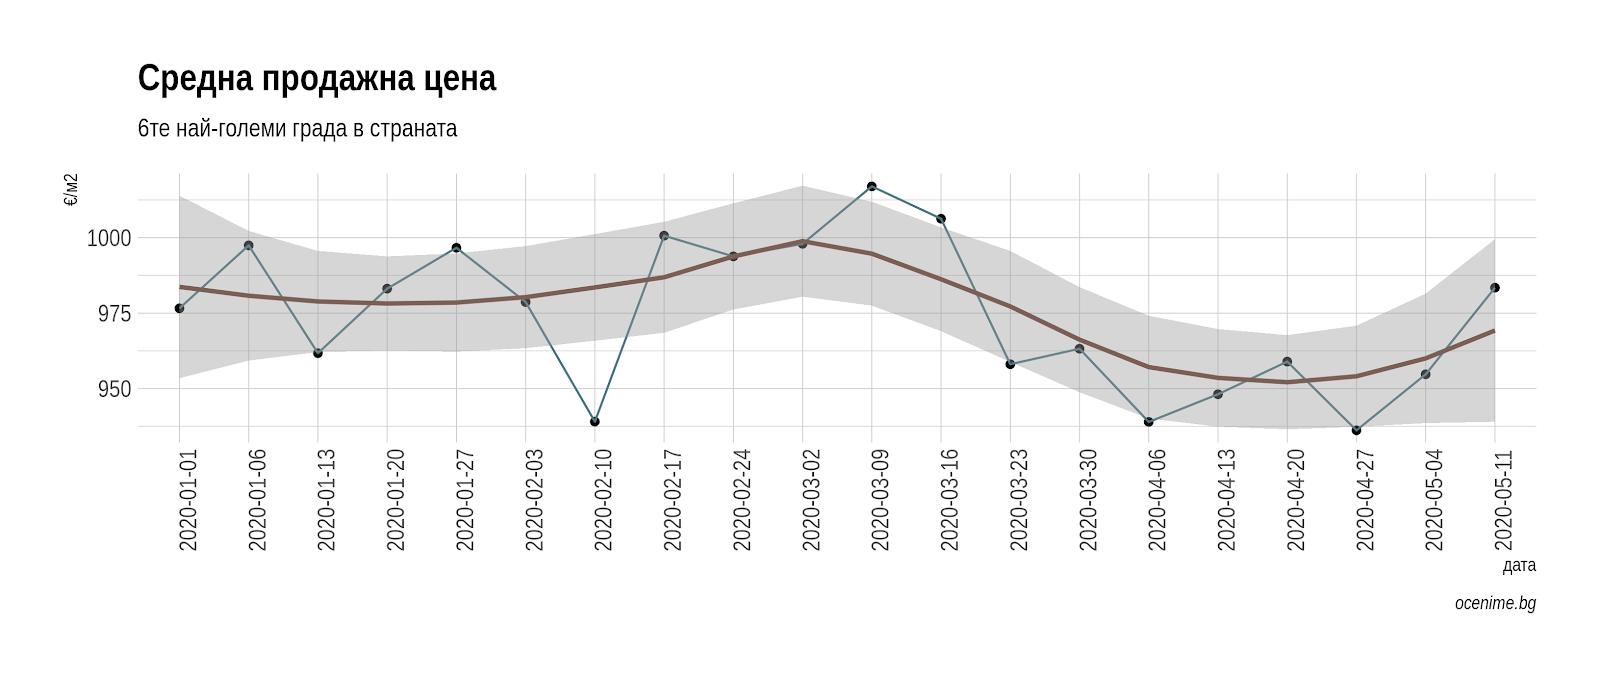 Средна продажна цена на апартаменти в България - януари-май 2020 - Оцениме.бг